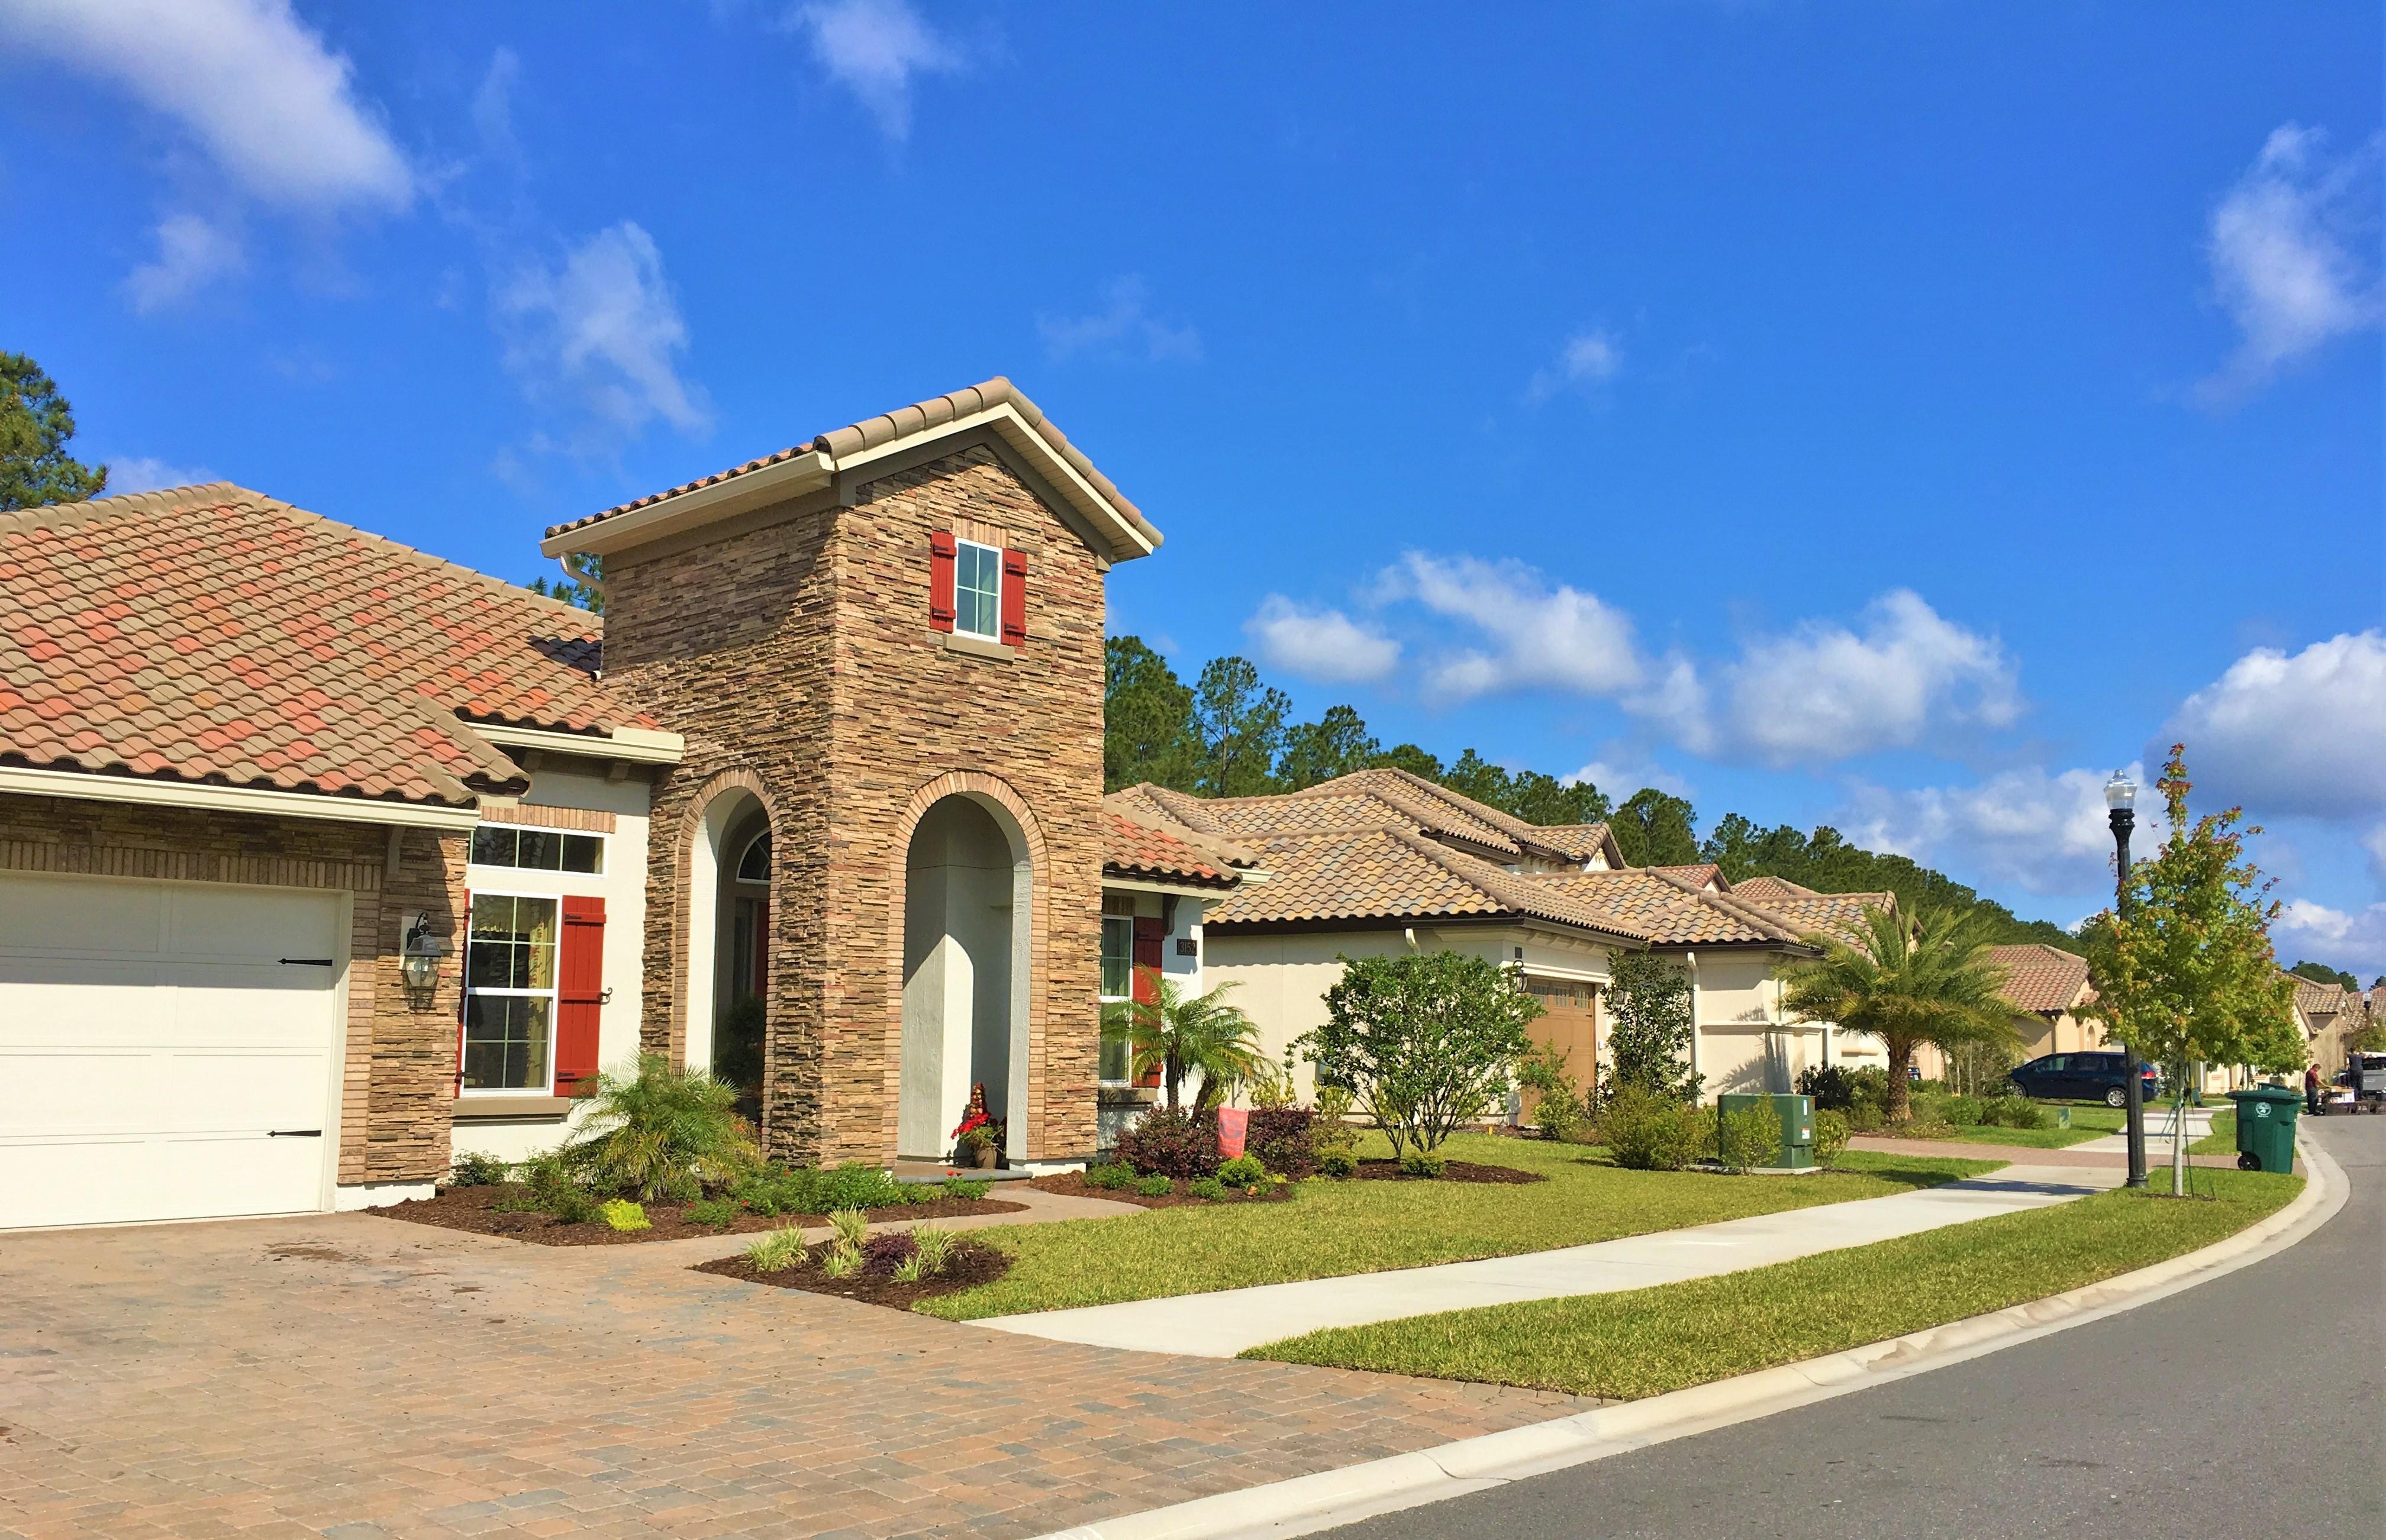 Tamaya Homes For Sale Jacksonville Fl